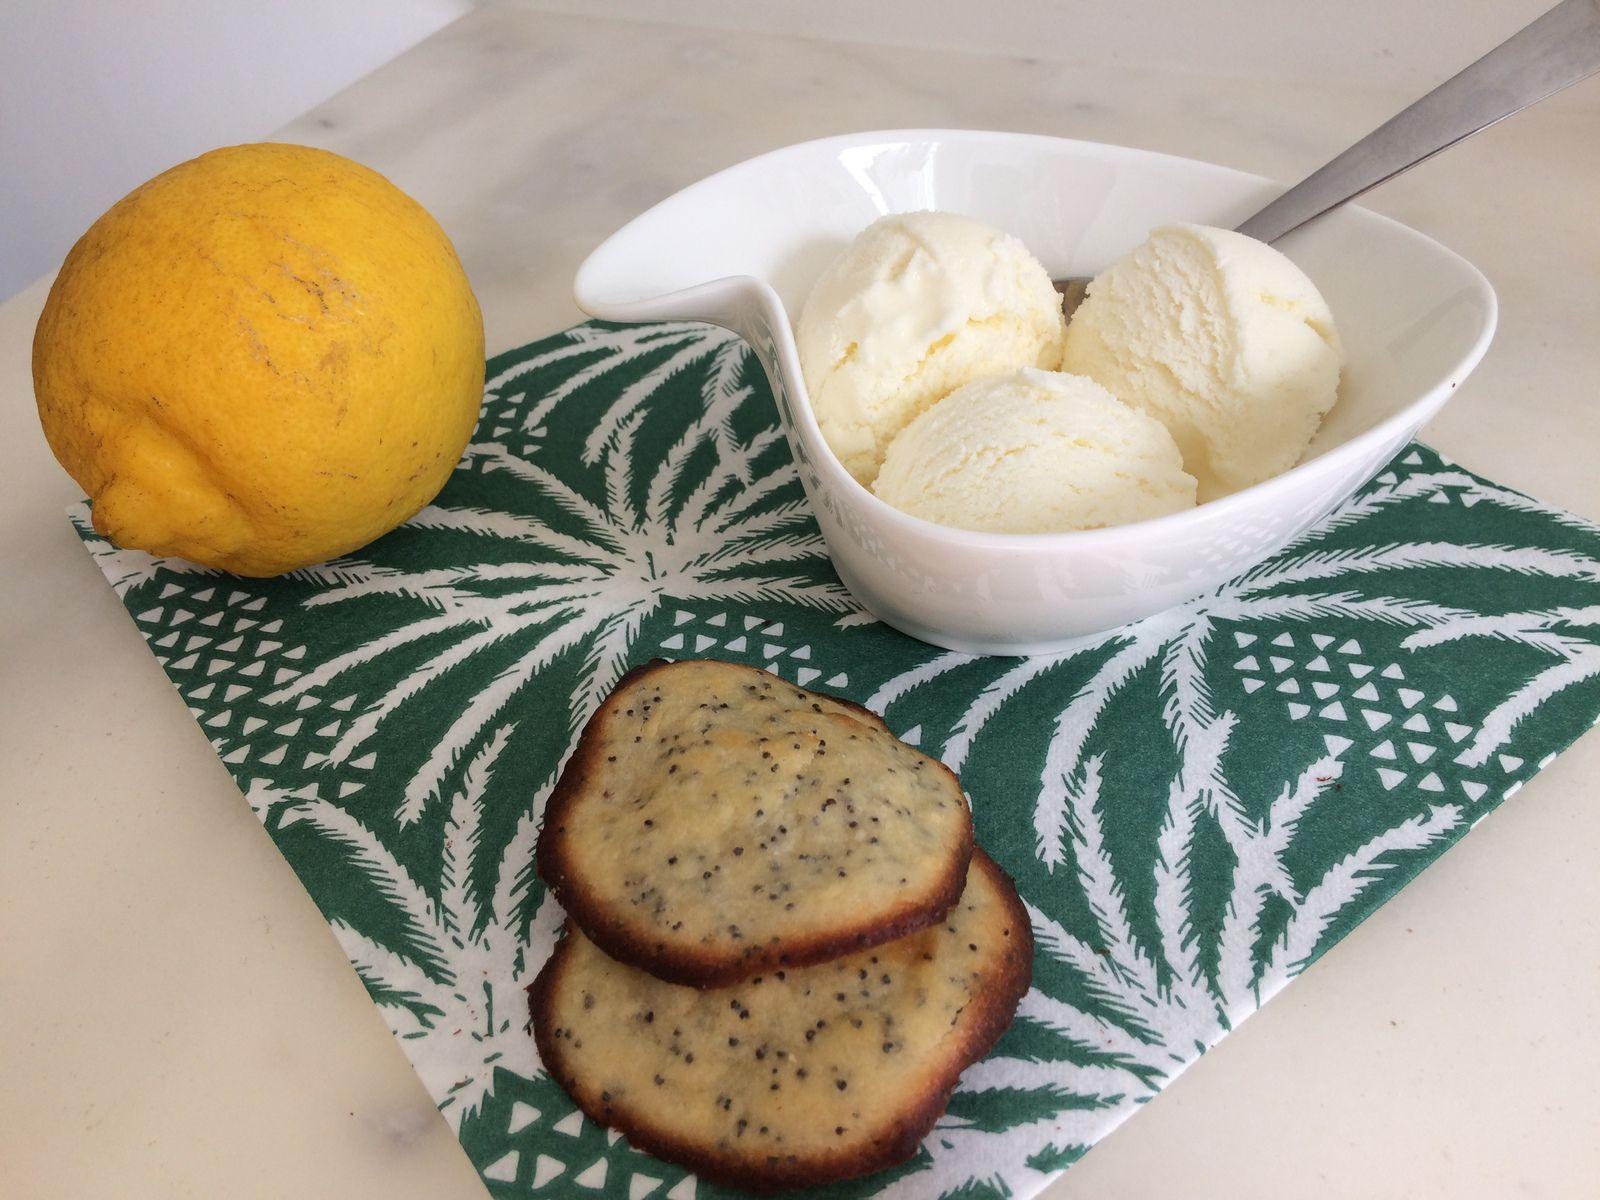 """Suite à la glace au Milka mon fils m'a """"commandé"""" une glace au citron, voici donc la recette de ce premier essai qui était tout à fait satisfaisant."""